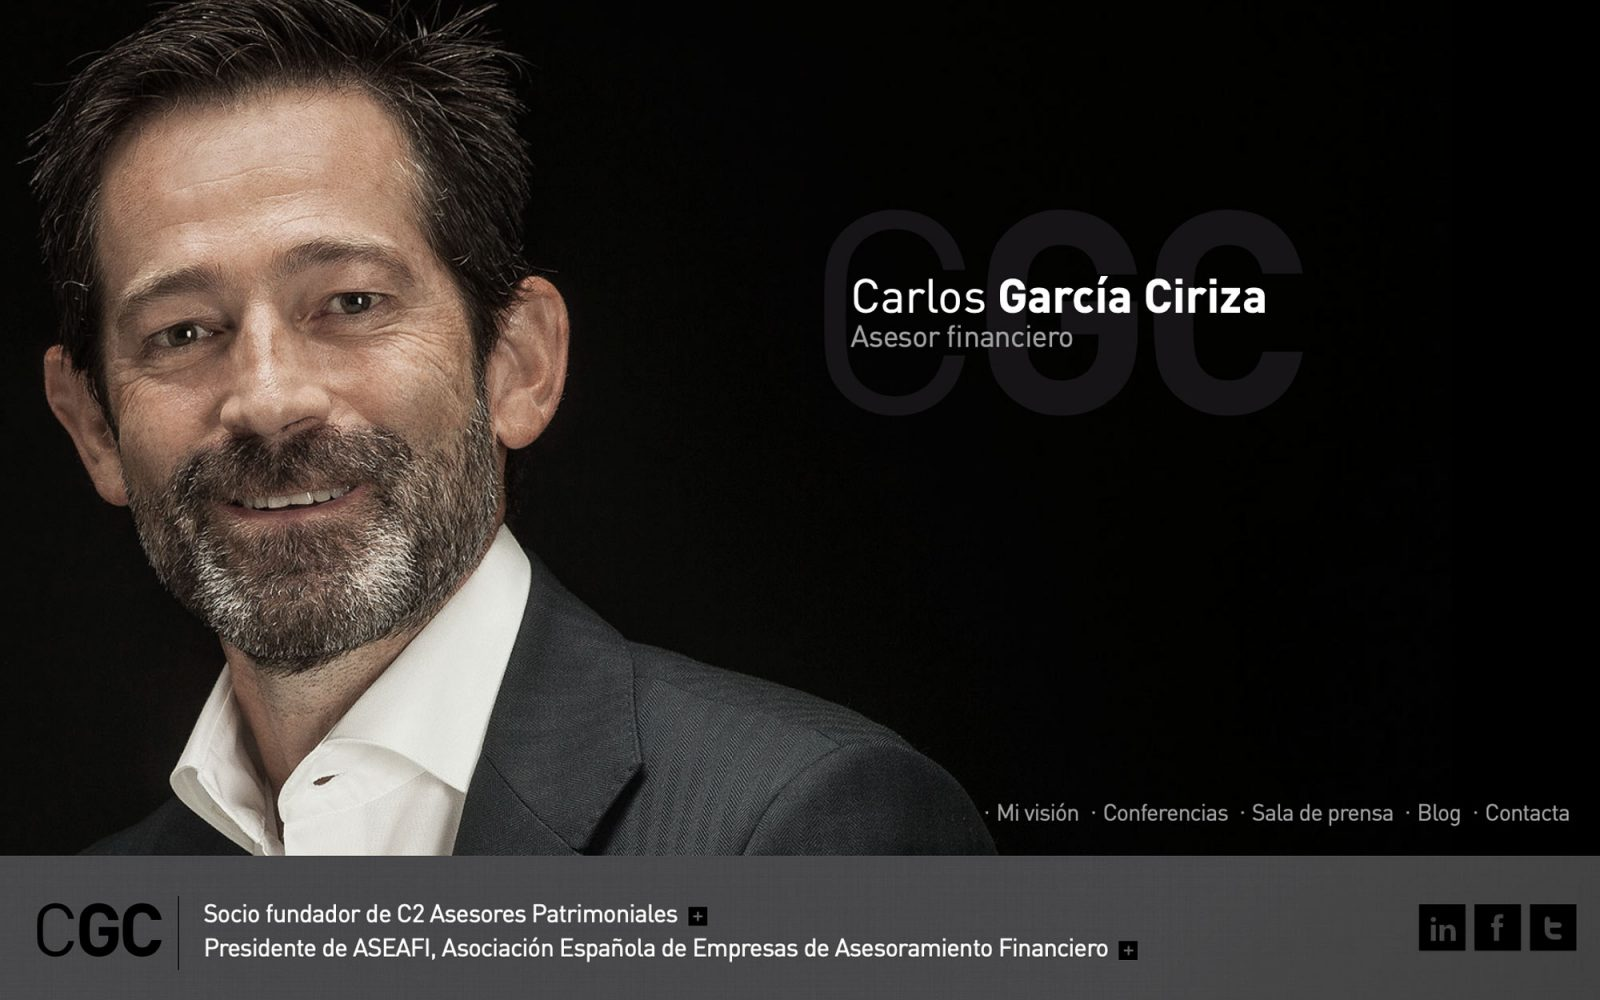 Marca y web de Carlos García de Ciriza